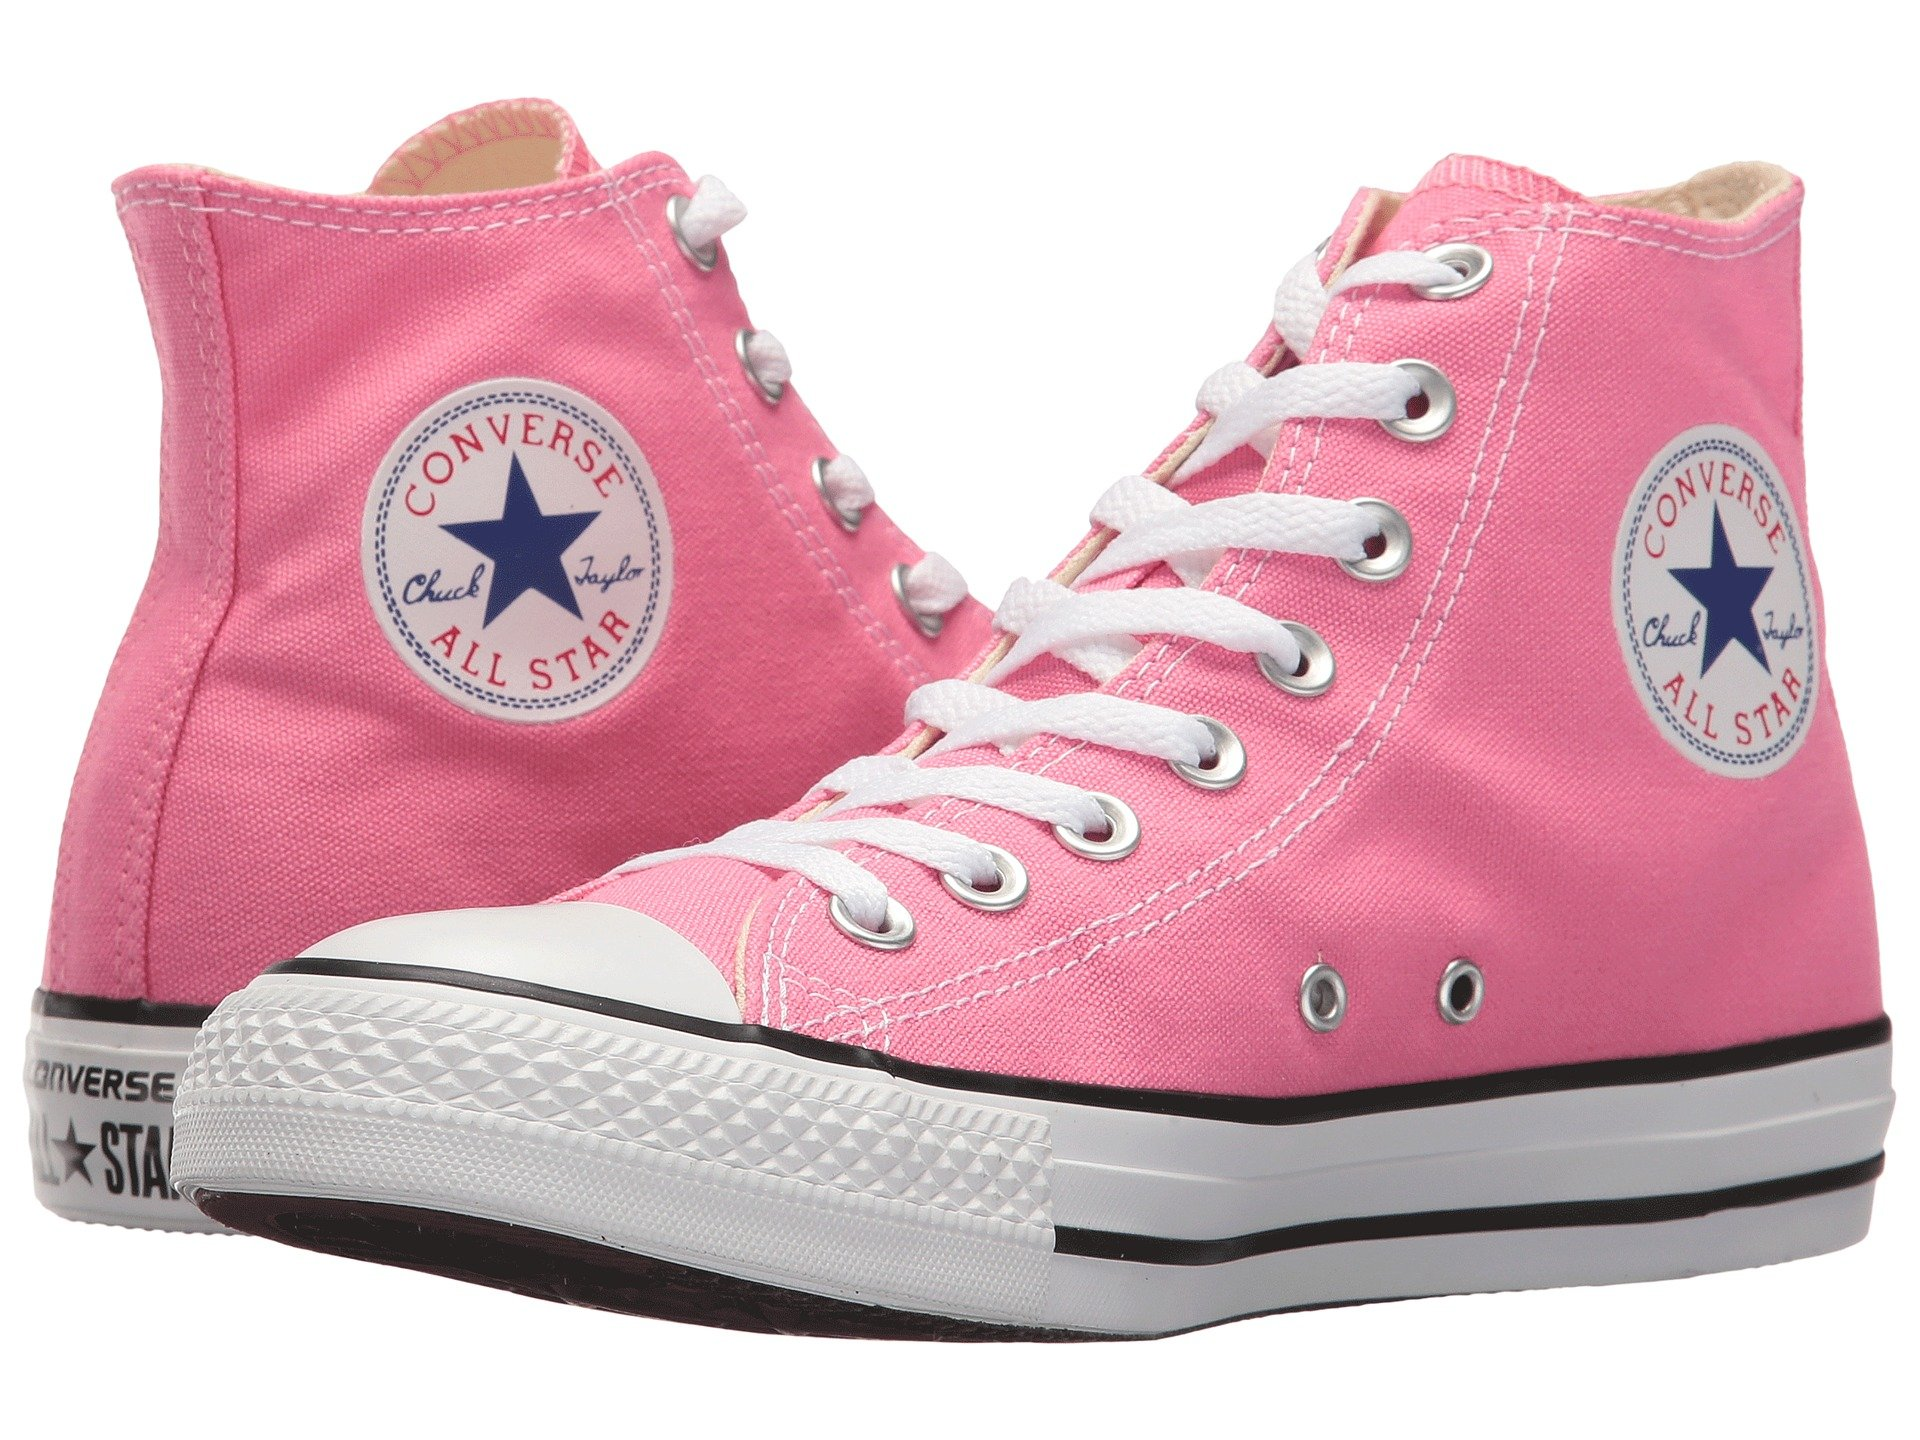 Converse Damenschuhe Chuck Taylor All Star Core Hi Sneakers Pink Größe 6 NEU